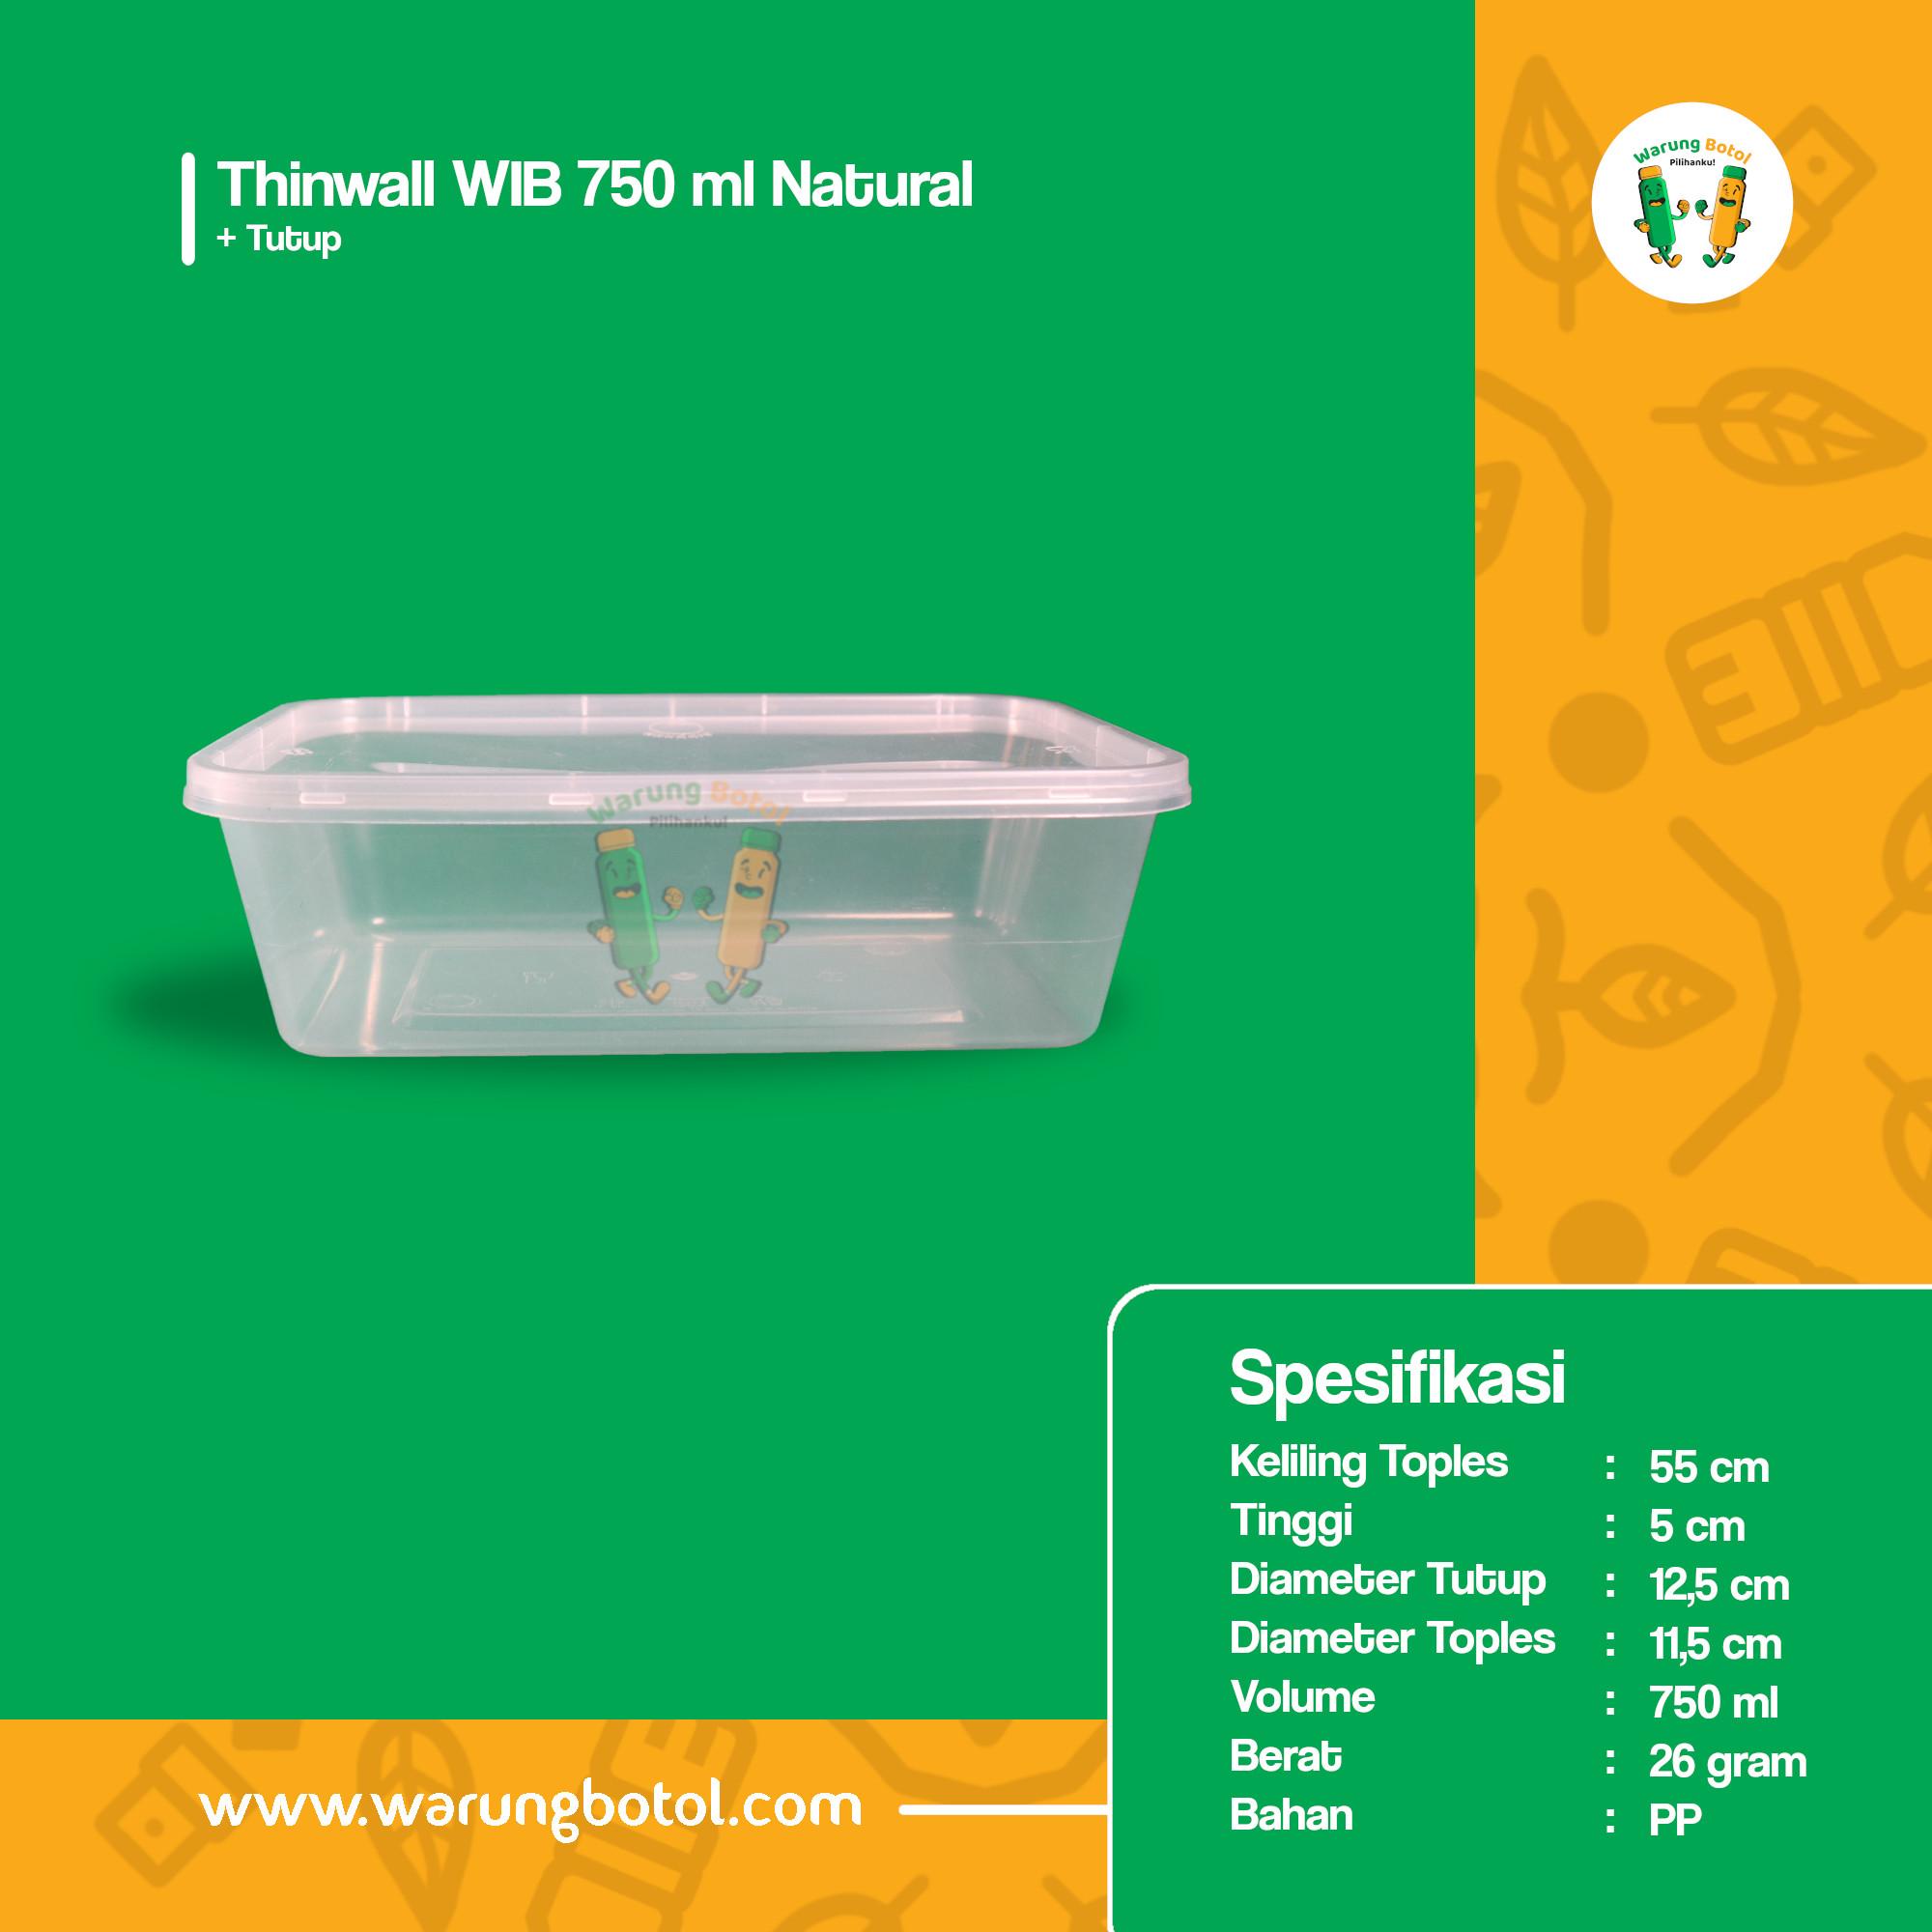 distributor toko jual thinwall kotak persegi panjang murah 750ml untuk kemasan bento anak, makanan kebab salad terdekat di bandung jakarta bekasi bogor